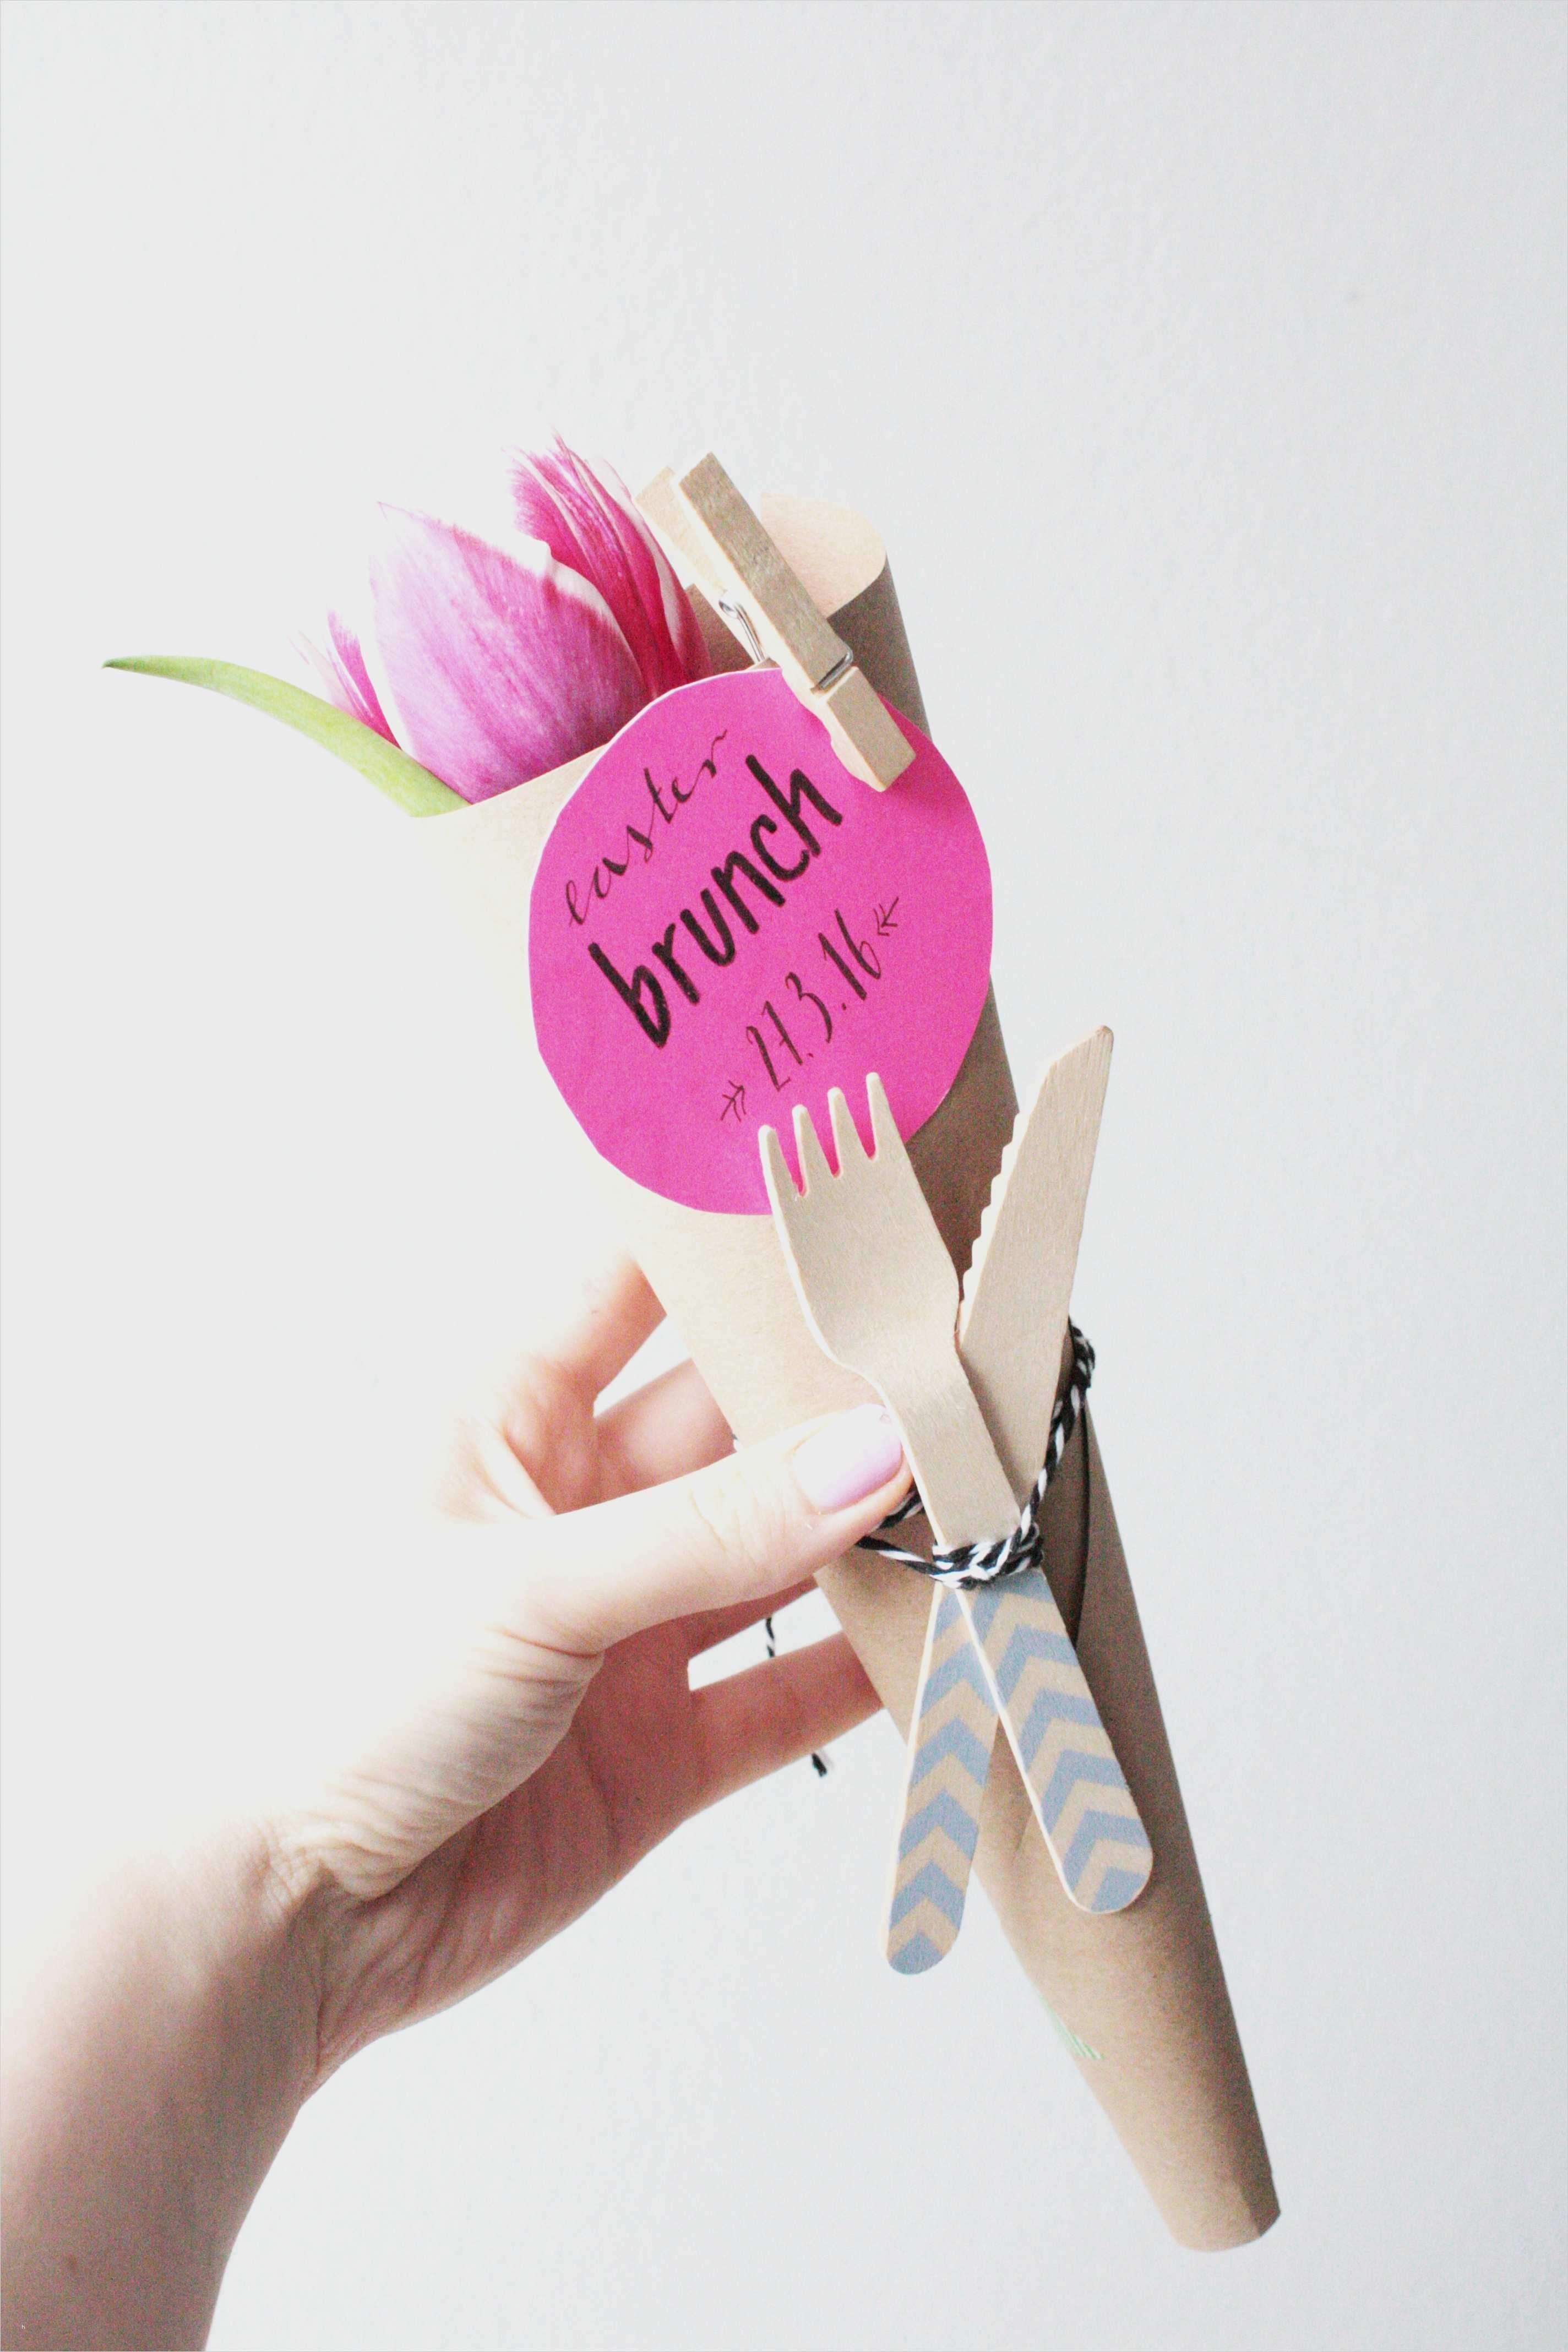 Cool Einladung Zum Brunch Vorlage Diese Konnen Einstellen Fur Ihre Wichtigsten Kreative Ideen Brunch Einladungen Einladung Basteln Gutschein Basteln Essen